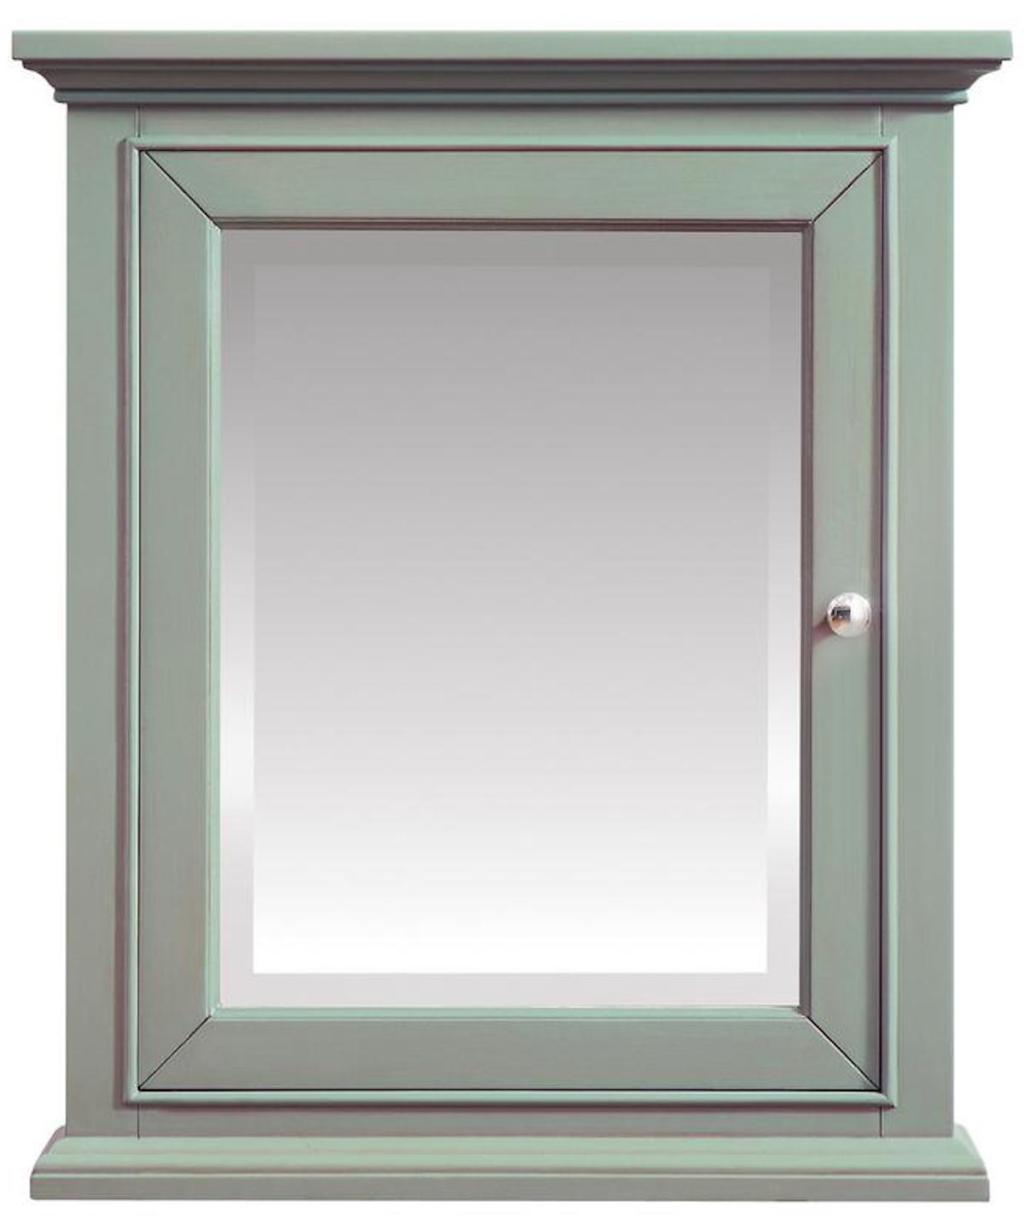 Home Decorators Collection Sea Green Medicine Cabinet